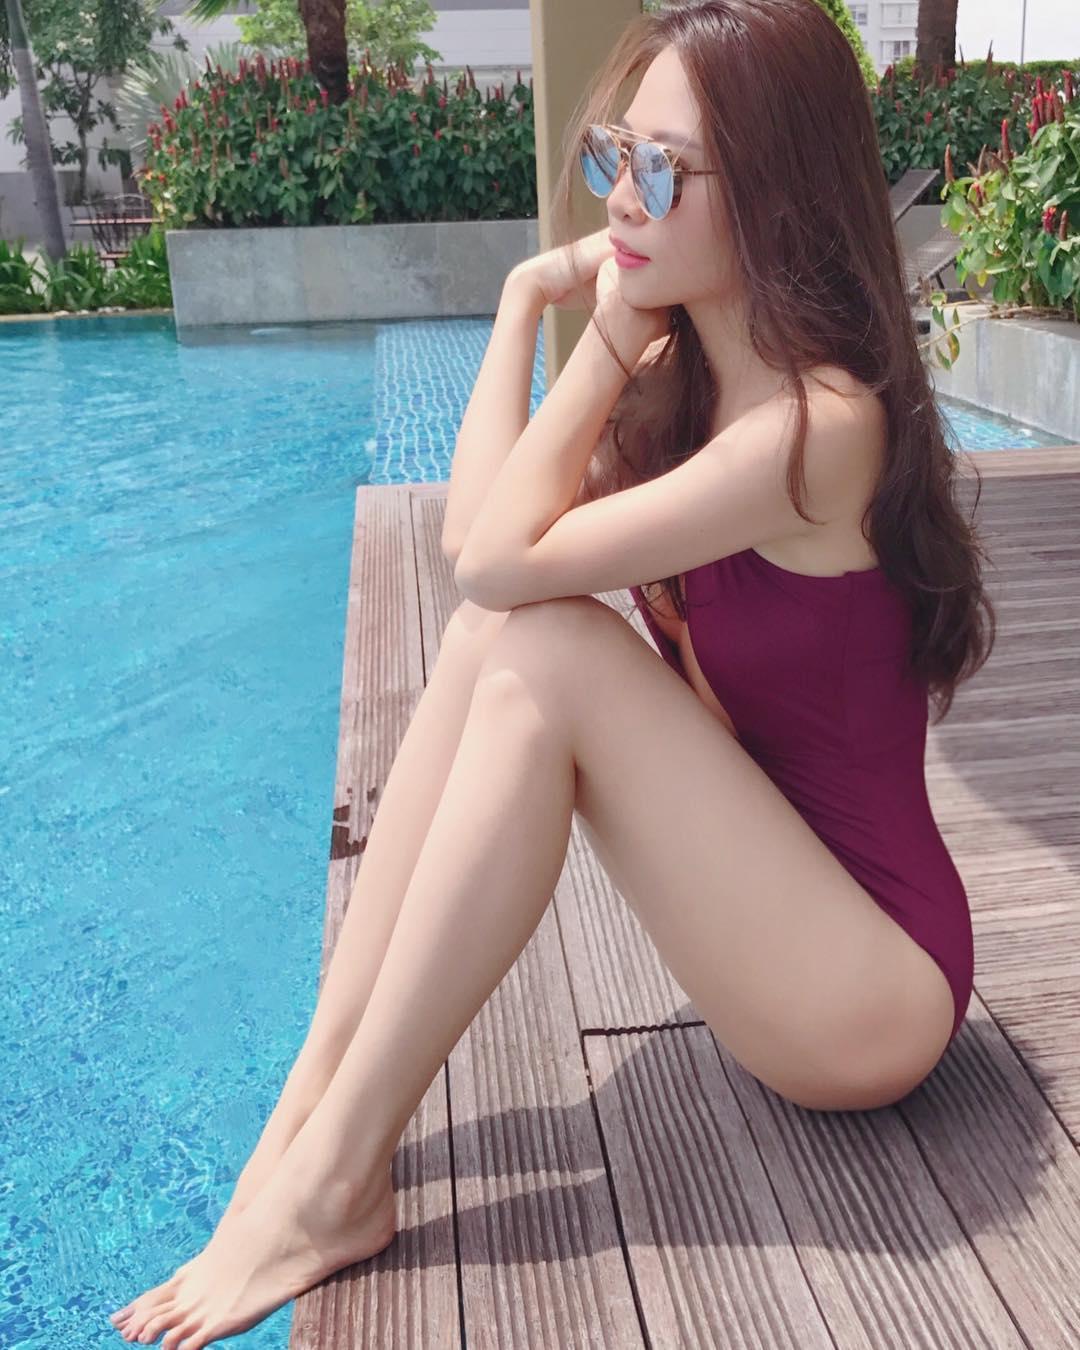 Tin sao Việt 19/9: Angela Phương Trinh lên tiếng khi bị so sánh với Kim Kardashian-2